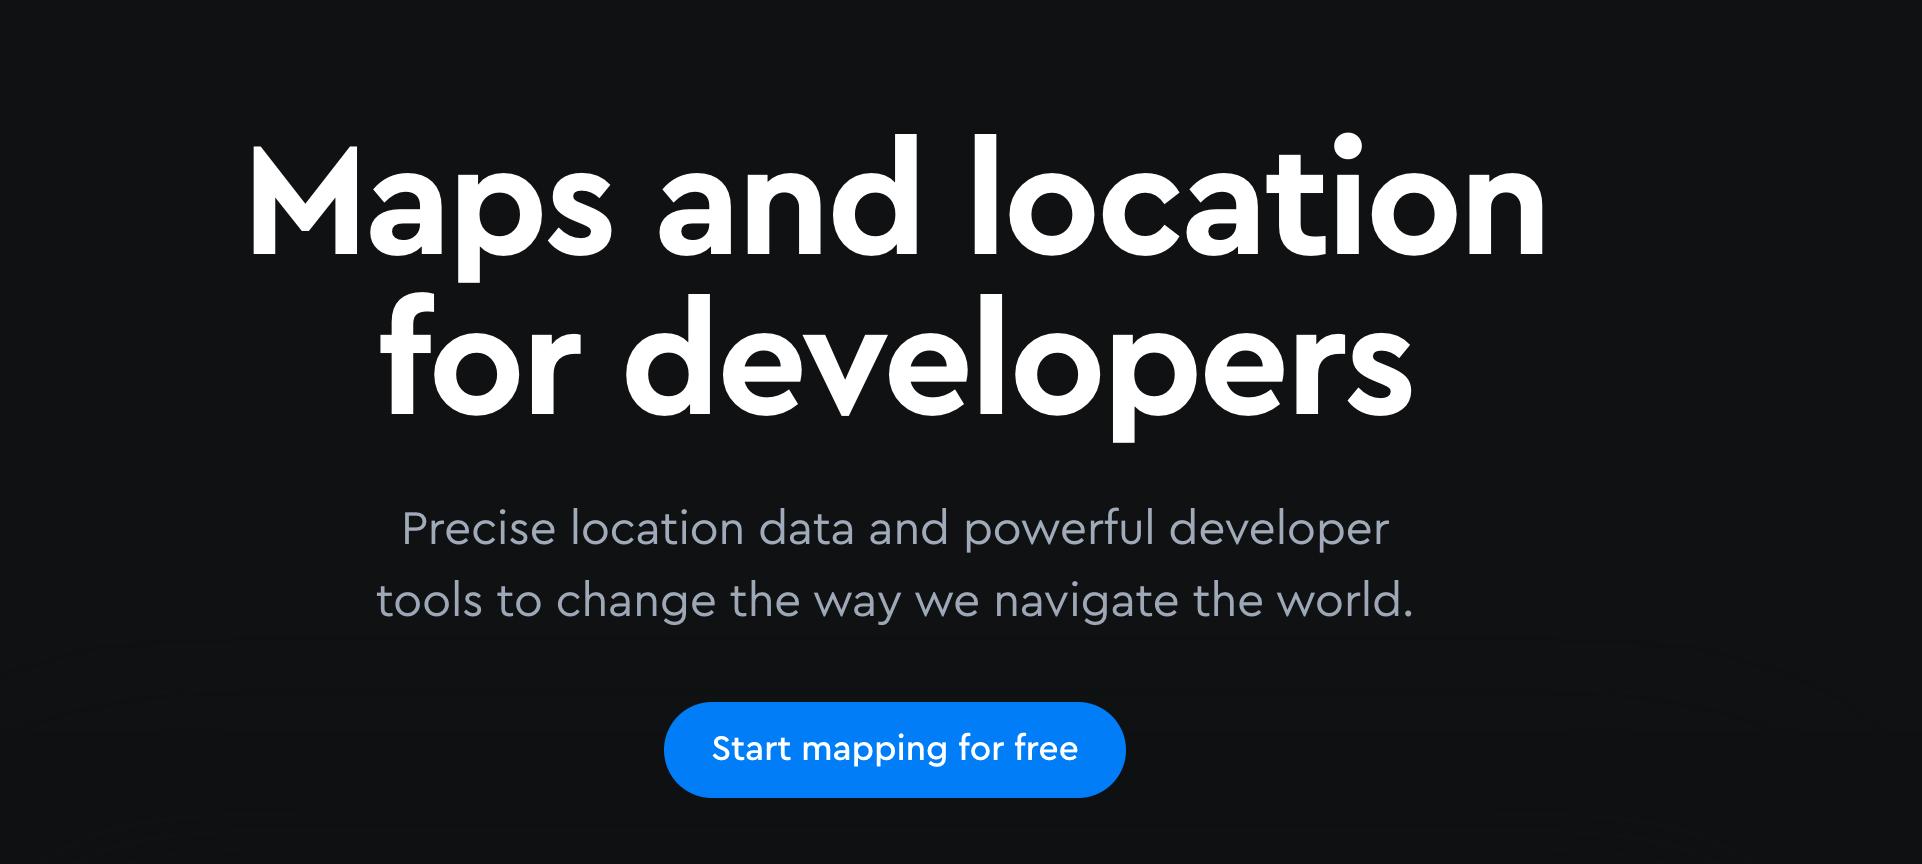 最近一直在研究 google map,有朋友推荐这个